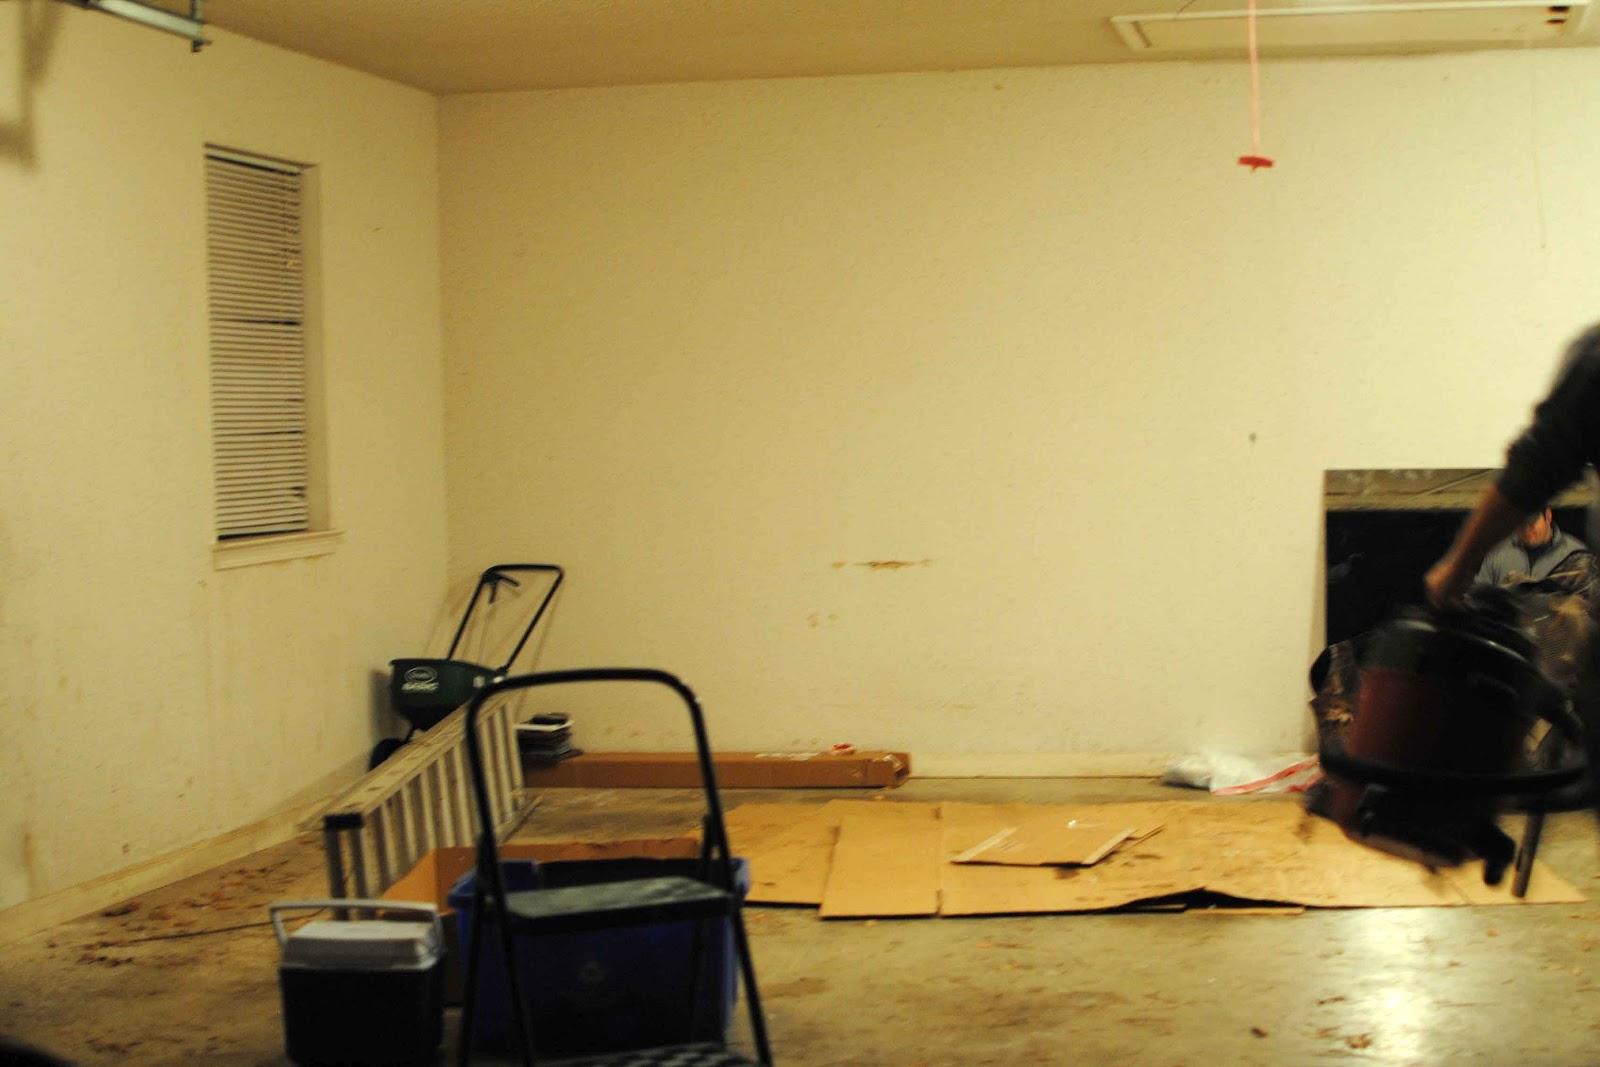 garage door opener scraper paint epoxy elbow grease a garage. Black Bedroom Furniture Sets. Home Design Ideas